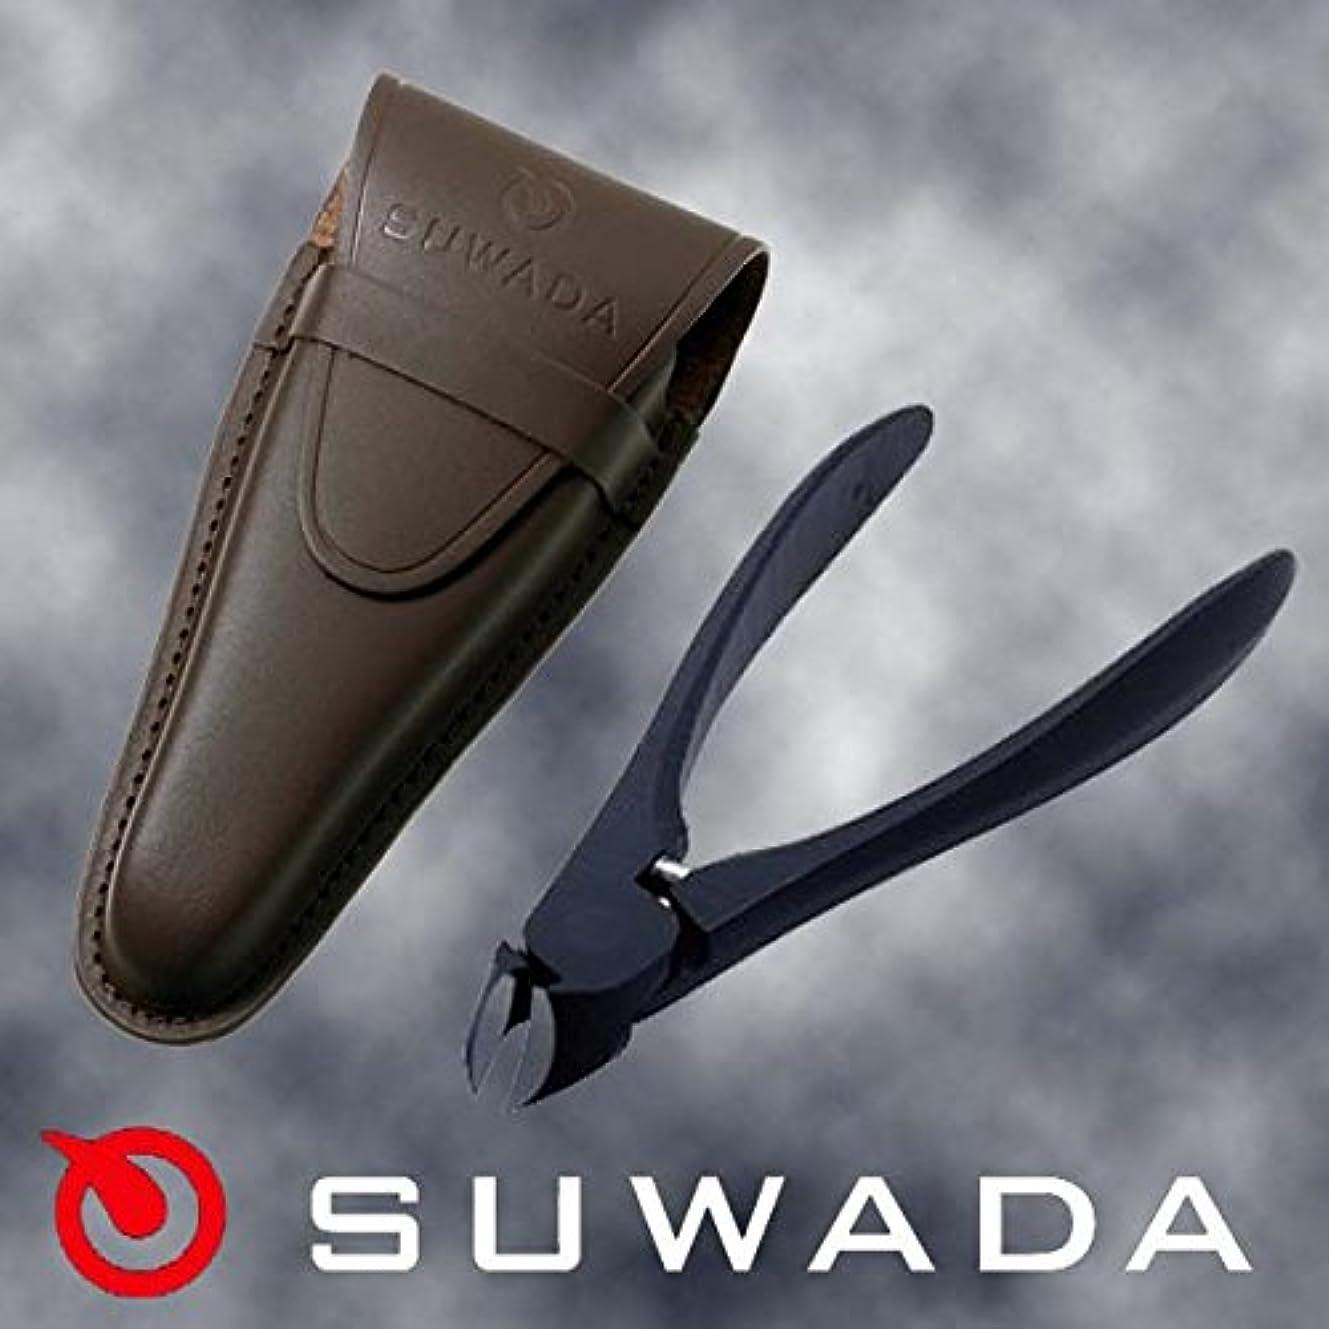 親愛なピクニックをするちょうつがいSUWADA爪切りブラックL&ブラウン革ケースセット 諏訪田製作所 スワダの爪切り